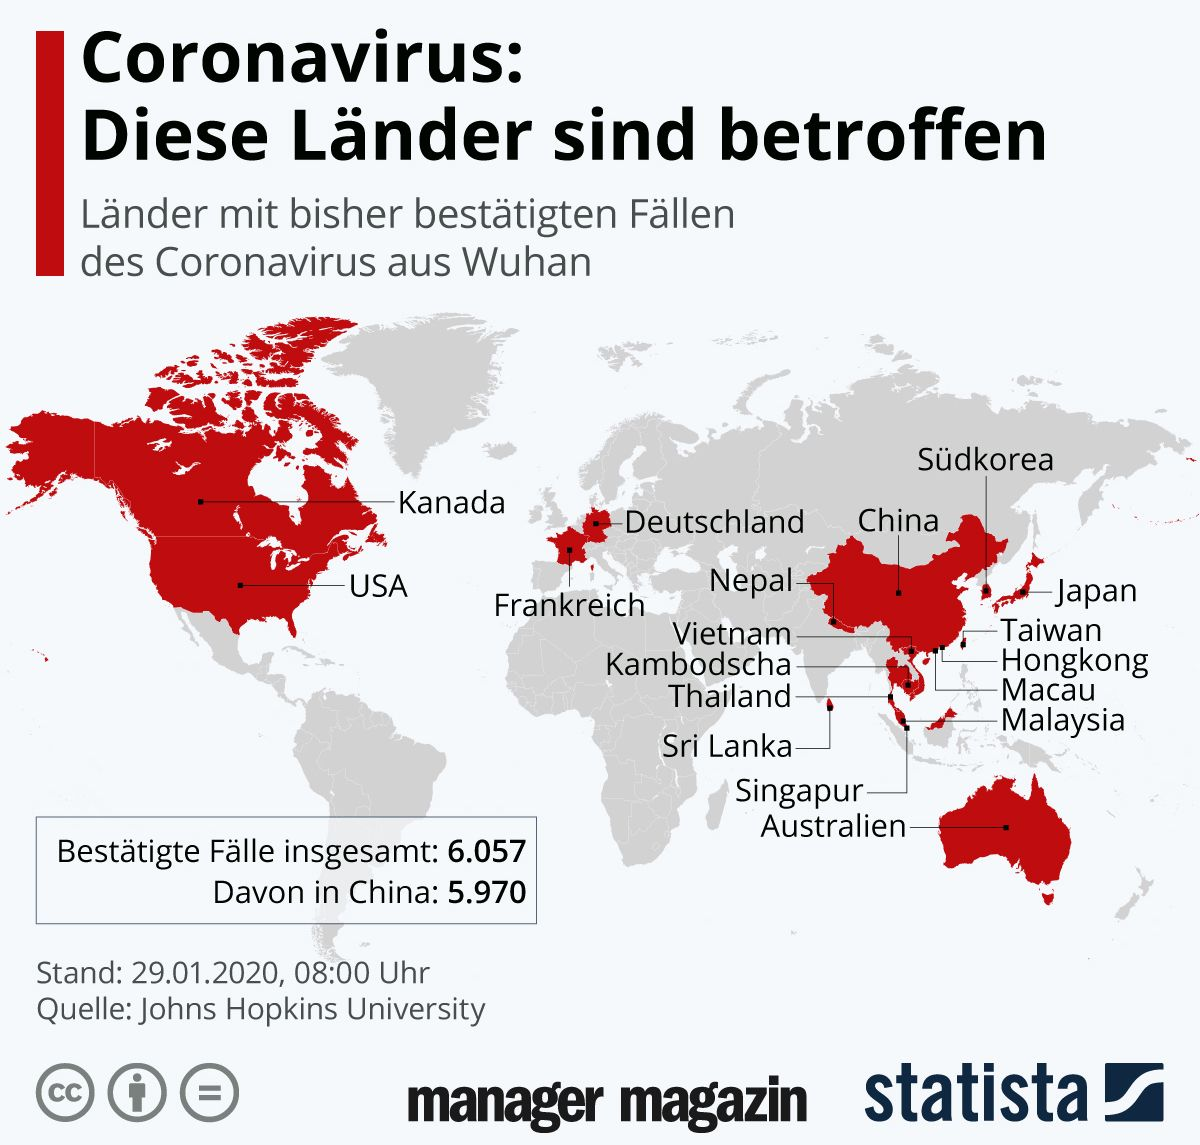 GRAFIK Coronavirus Länder